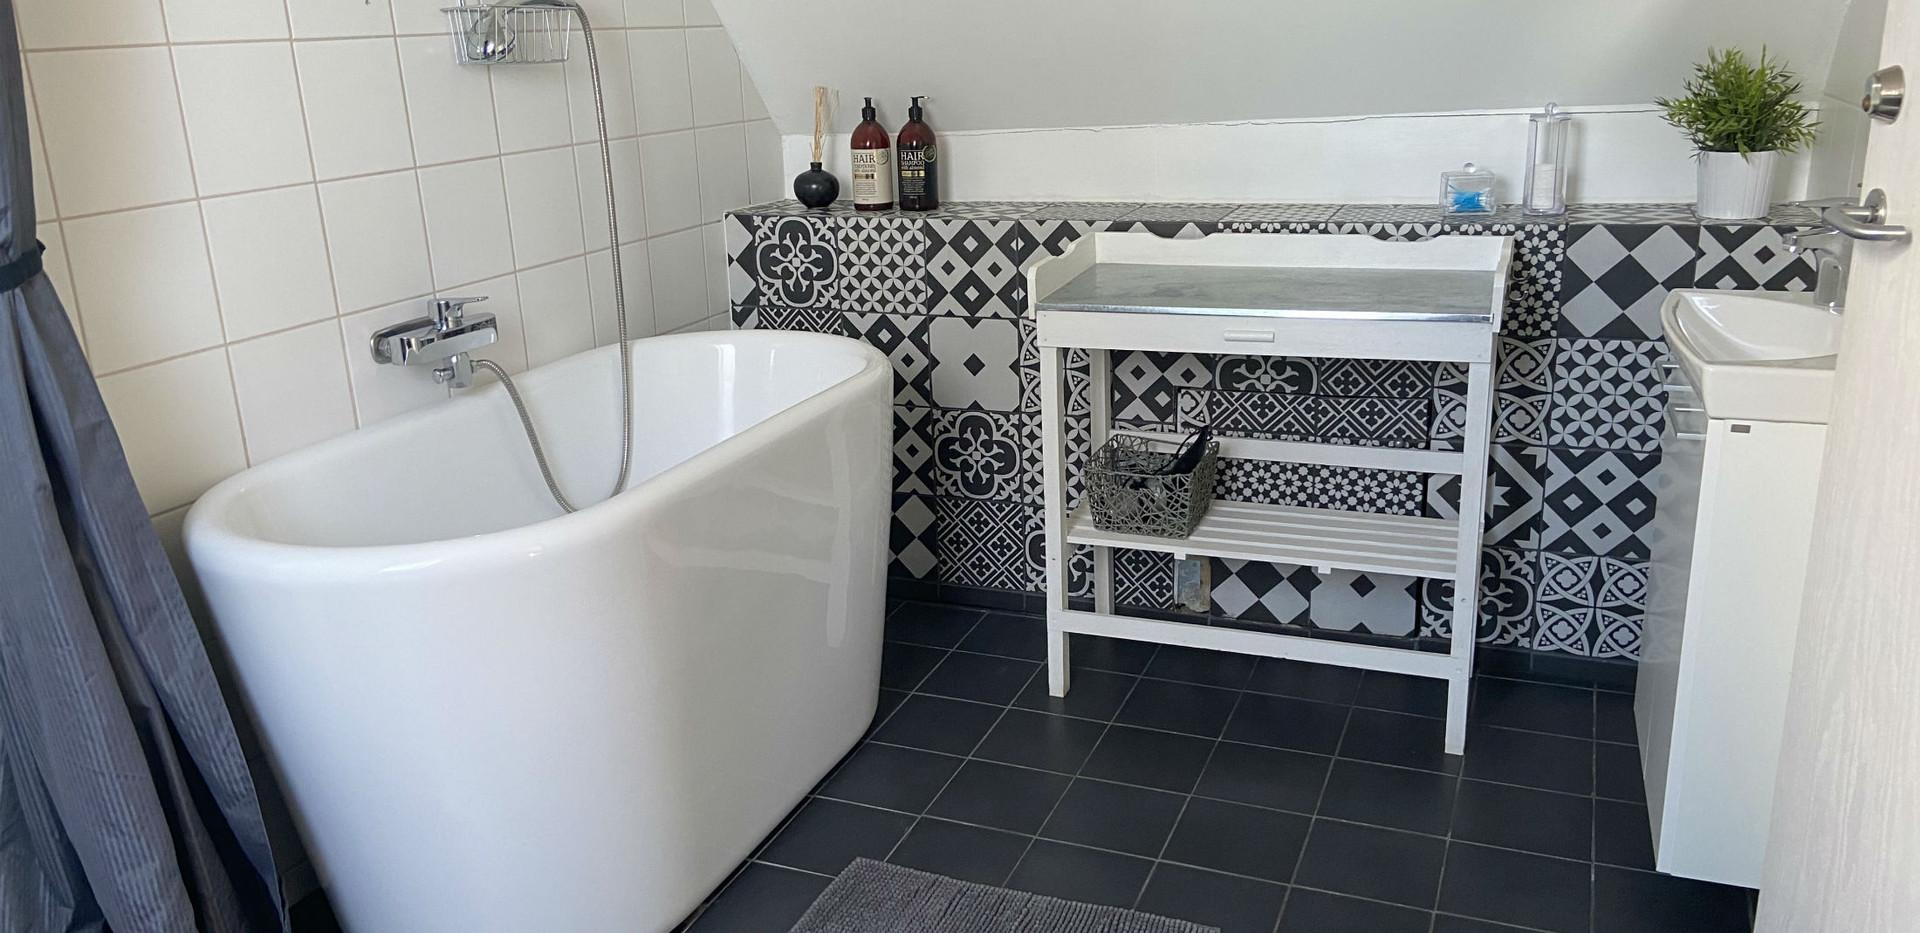 Ta ett skönt värmande bad i Alpackasvitens badkar.